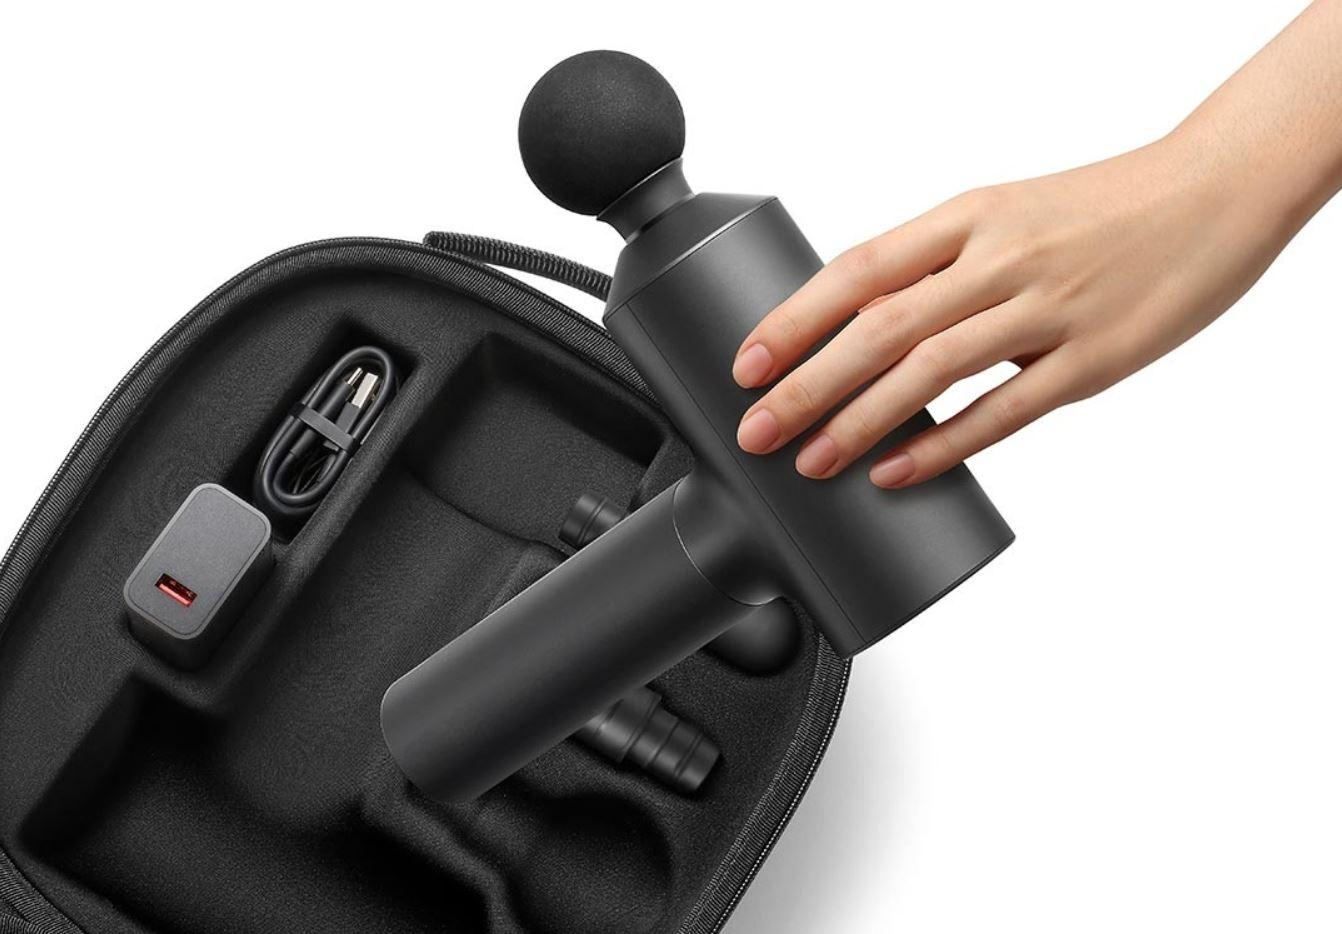 Xiaomi launches the Mijia Fascia Gun, its first high-powered massage gun